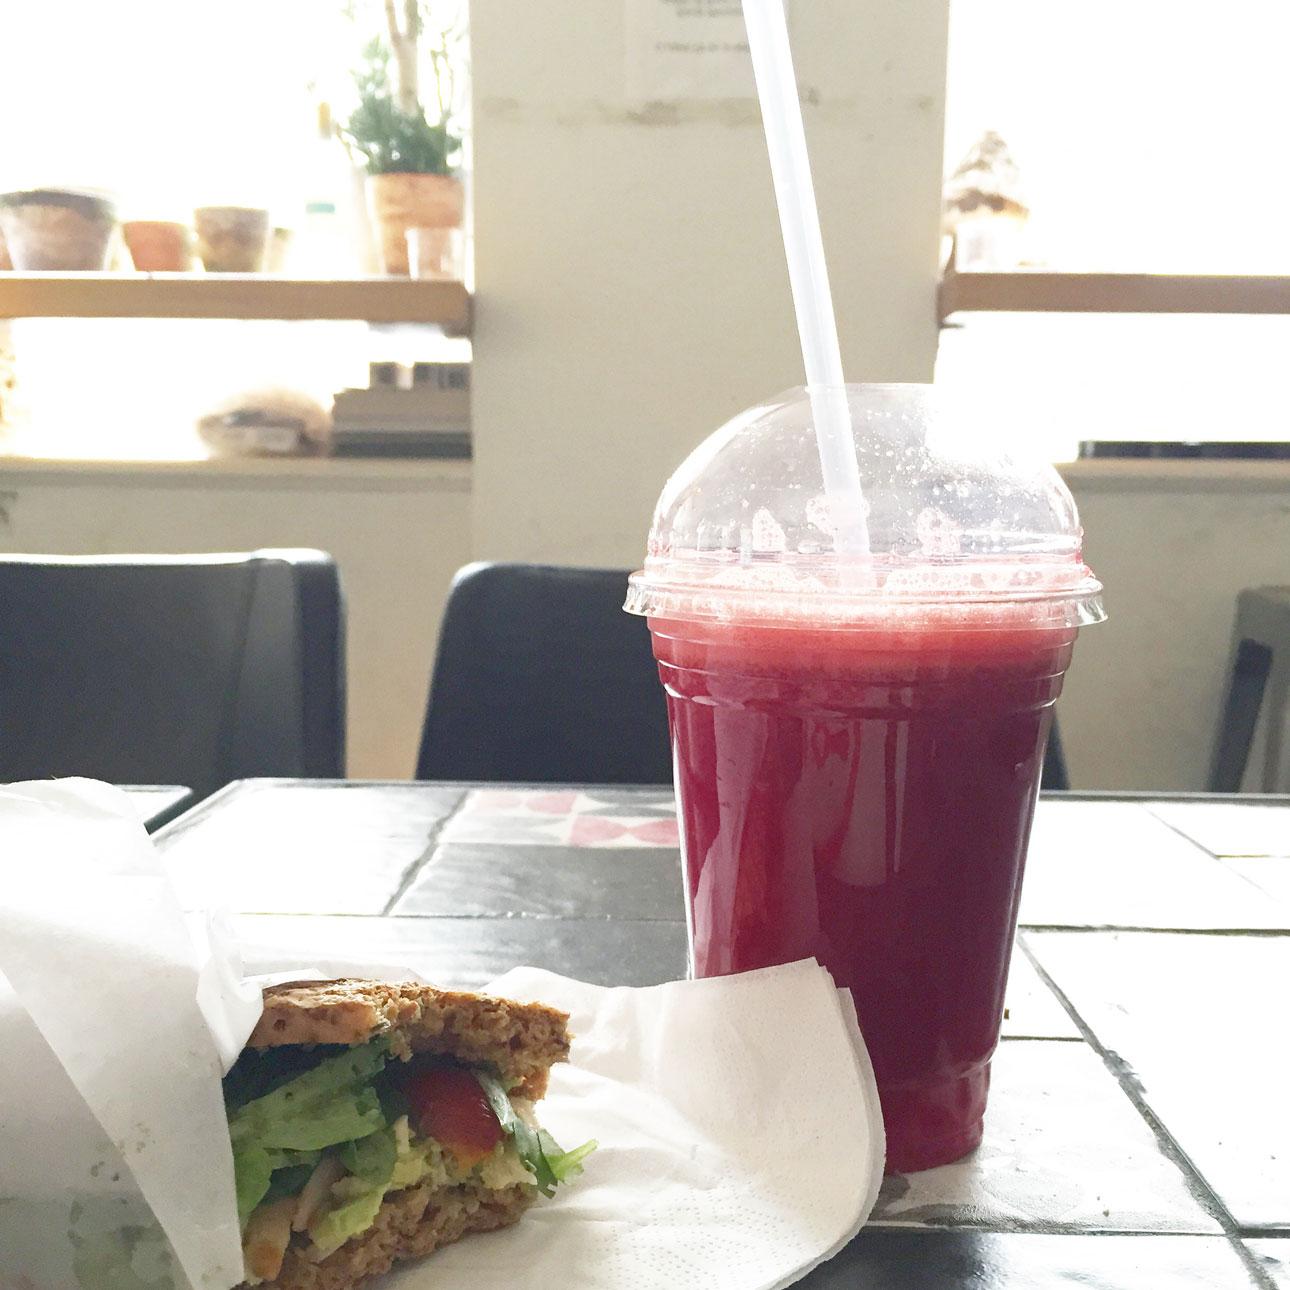 Kopenhagen hotspots Big apple juice bar broodje